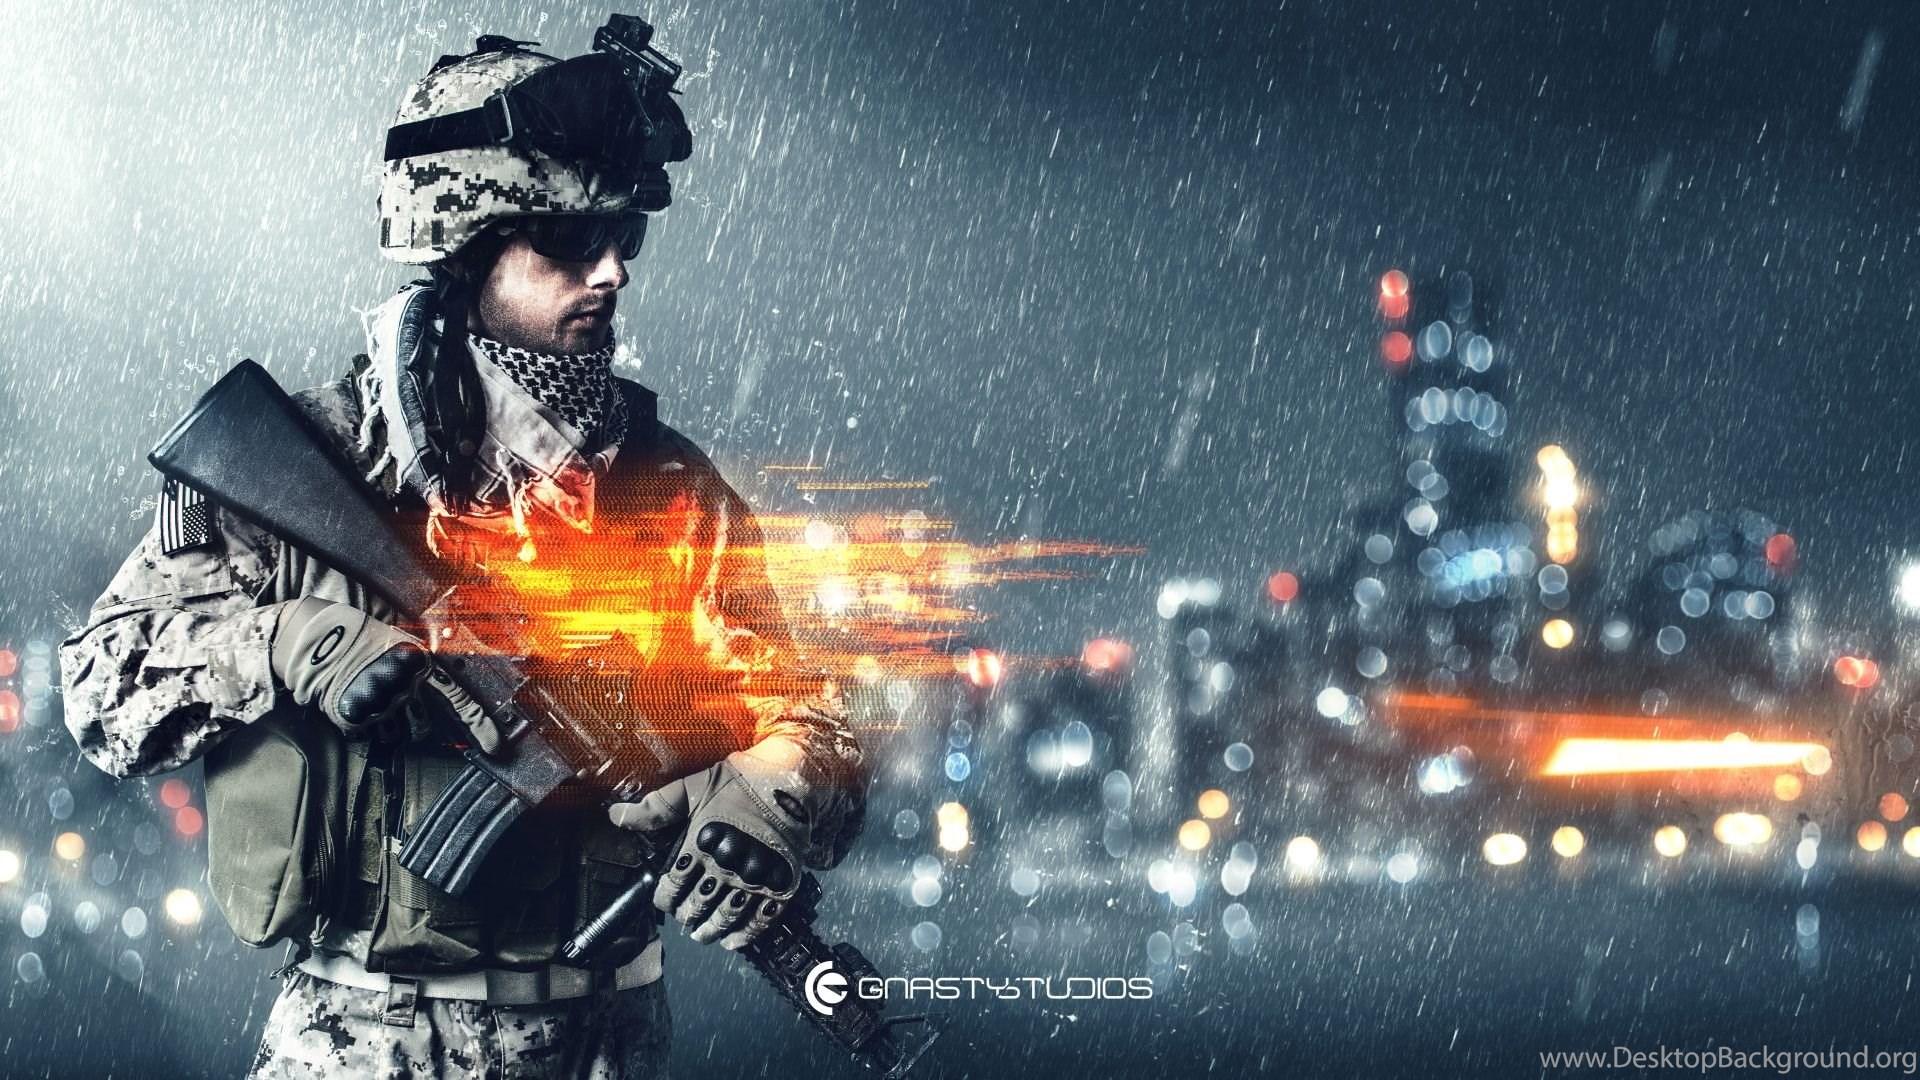 12 hd battlefield 4 wallpapers: exclusive games wallpapers desktop